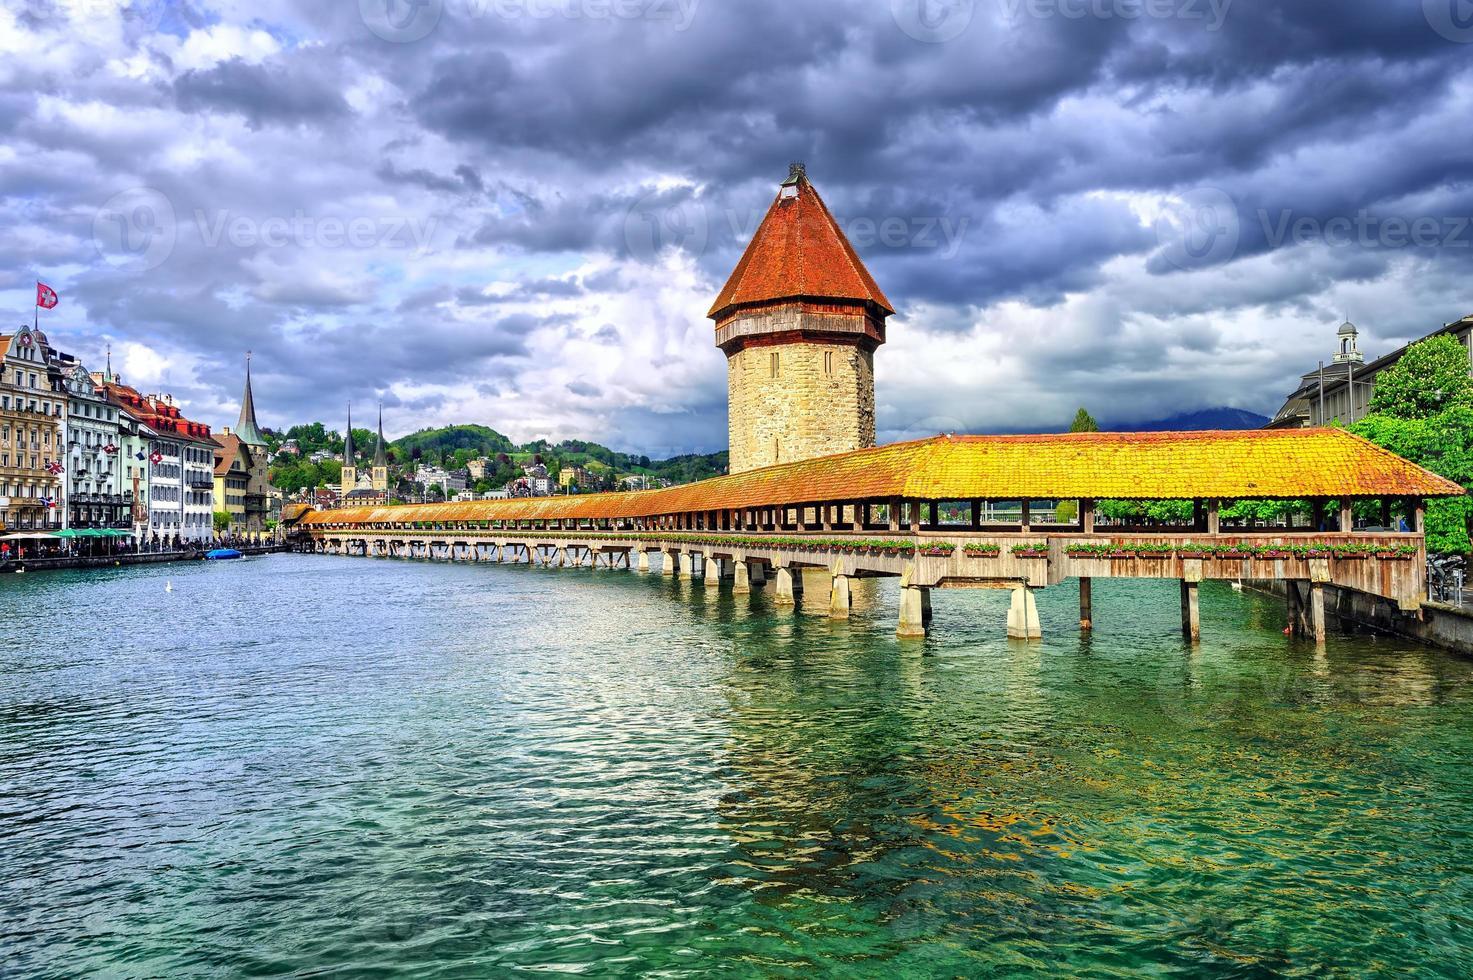 Luzern, Schweiz, Holzkapellenbrücke und Wasserturm foto